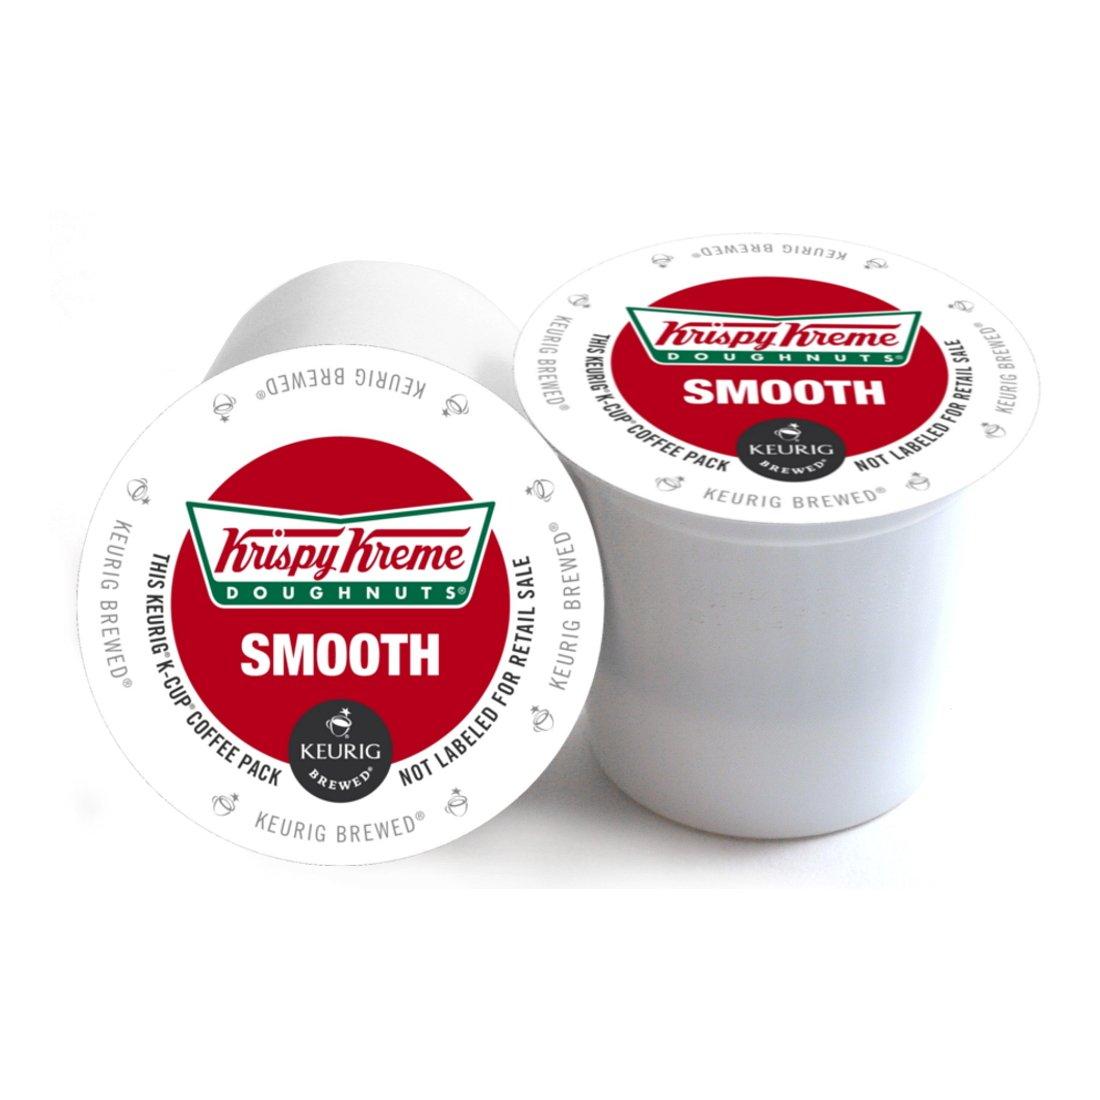 Krispy Kreme Doughnuts Smooth Keurig 2.0 K-Cup Pack, 180 Count